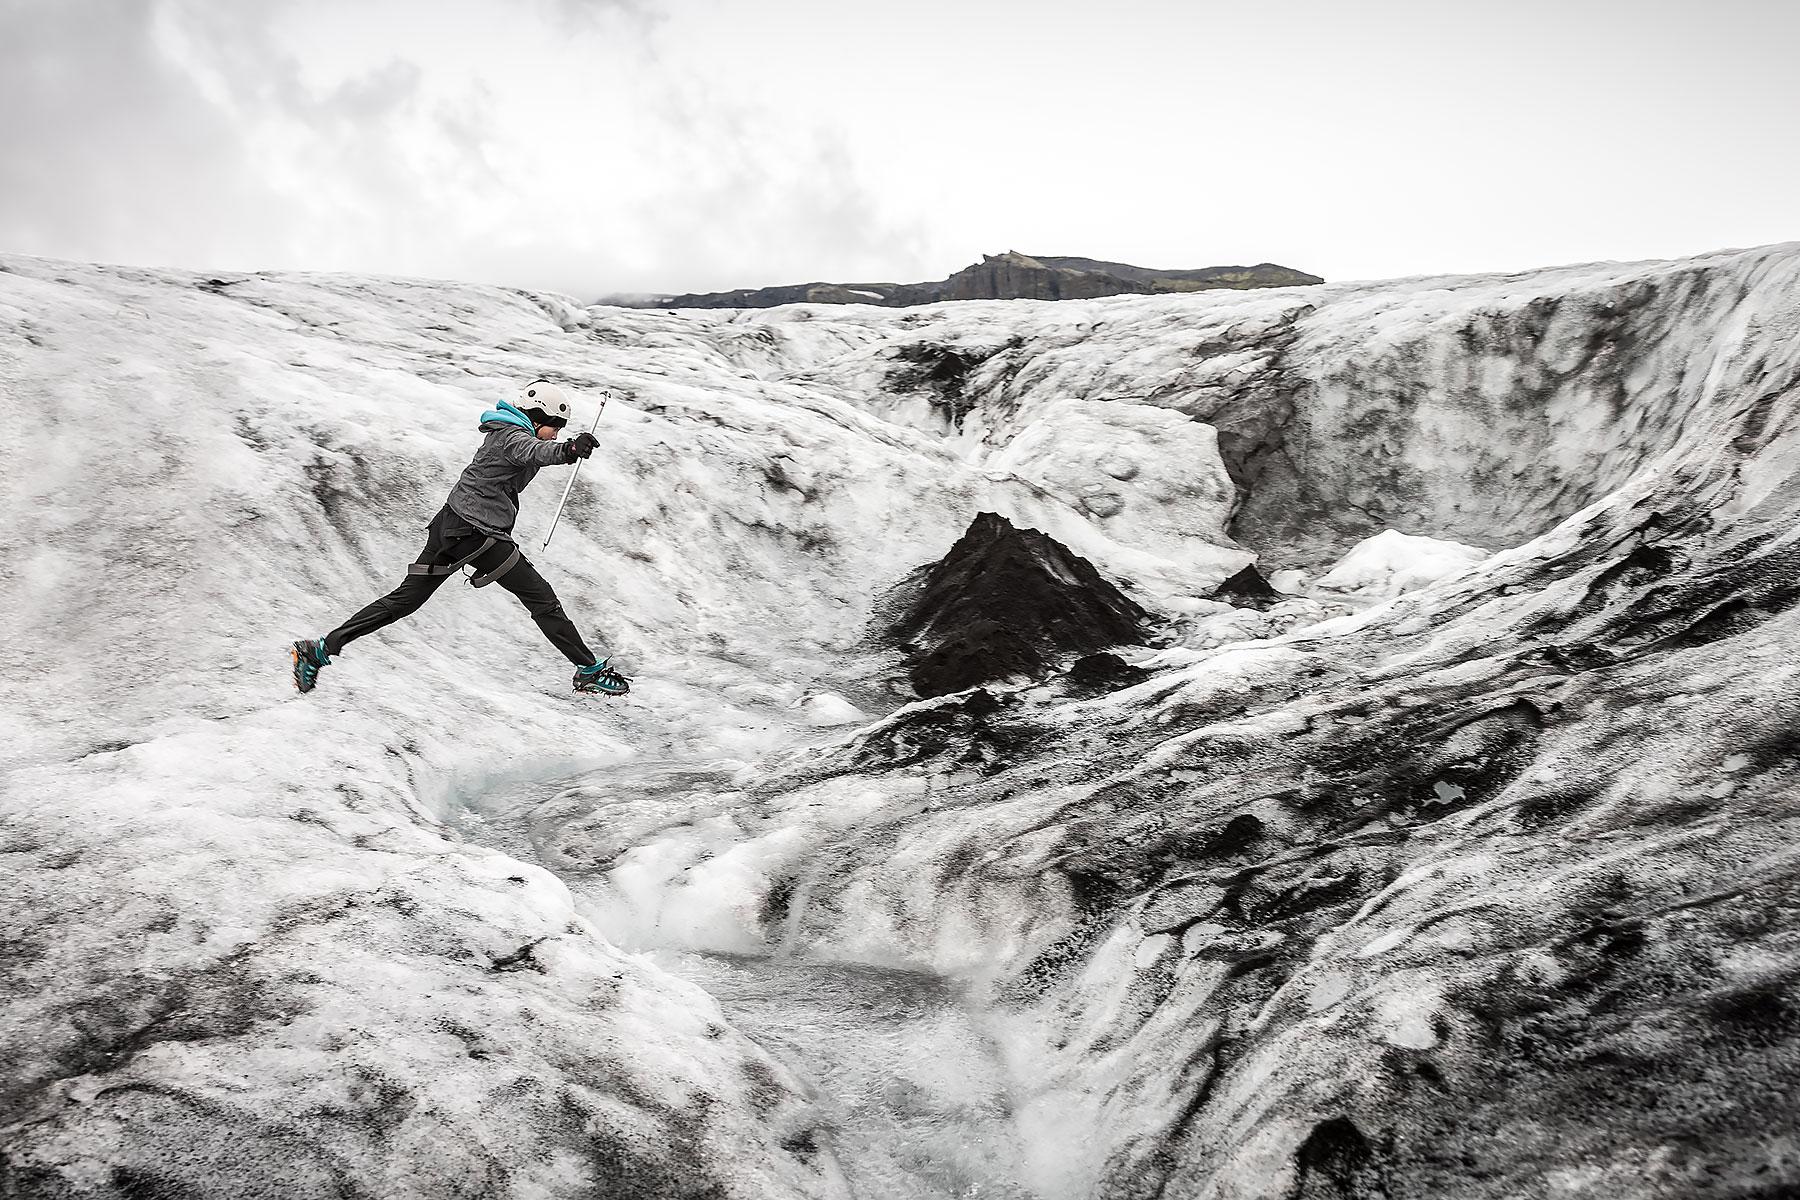 glacierwalkiceland2.jpg